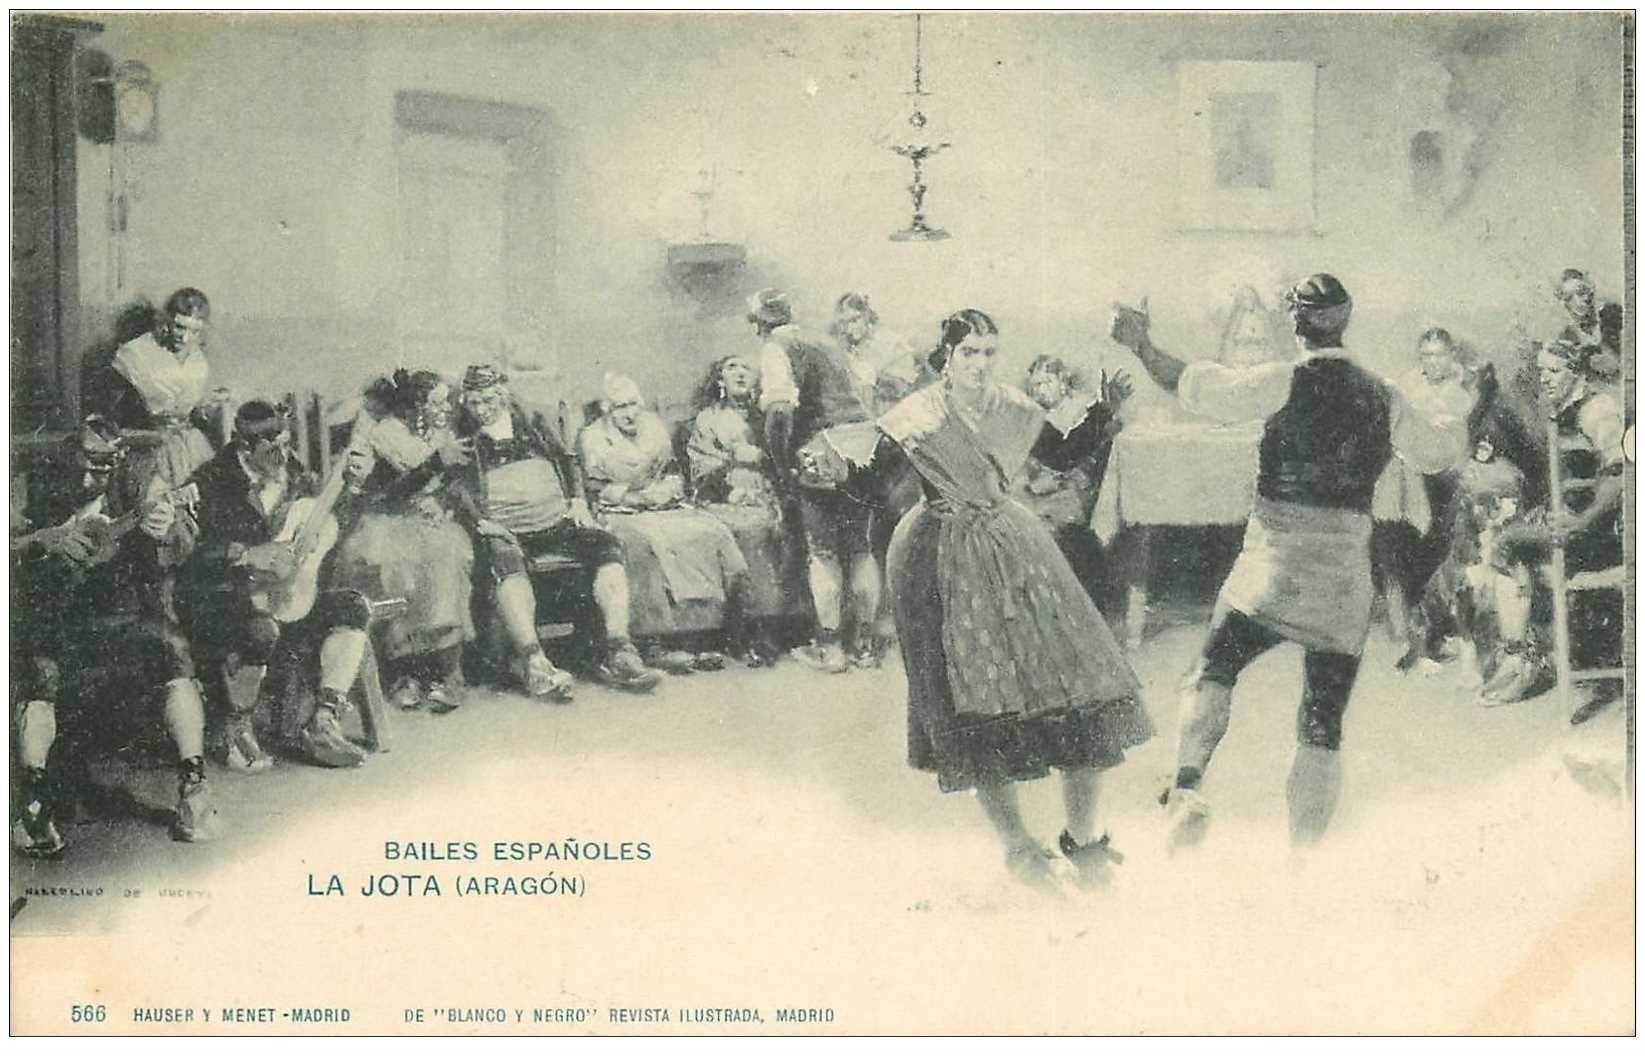 carte postale ancienne ESPAGNE. Aragon. Bailes Espanoles. La Jota. Danse et Danseurs espagnoles Musiciens vers 1900